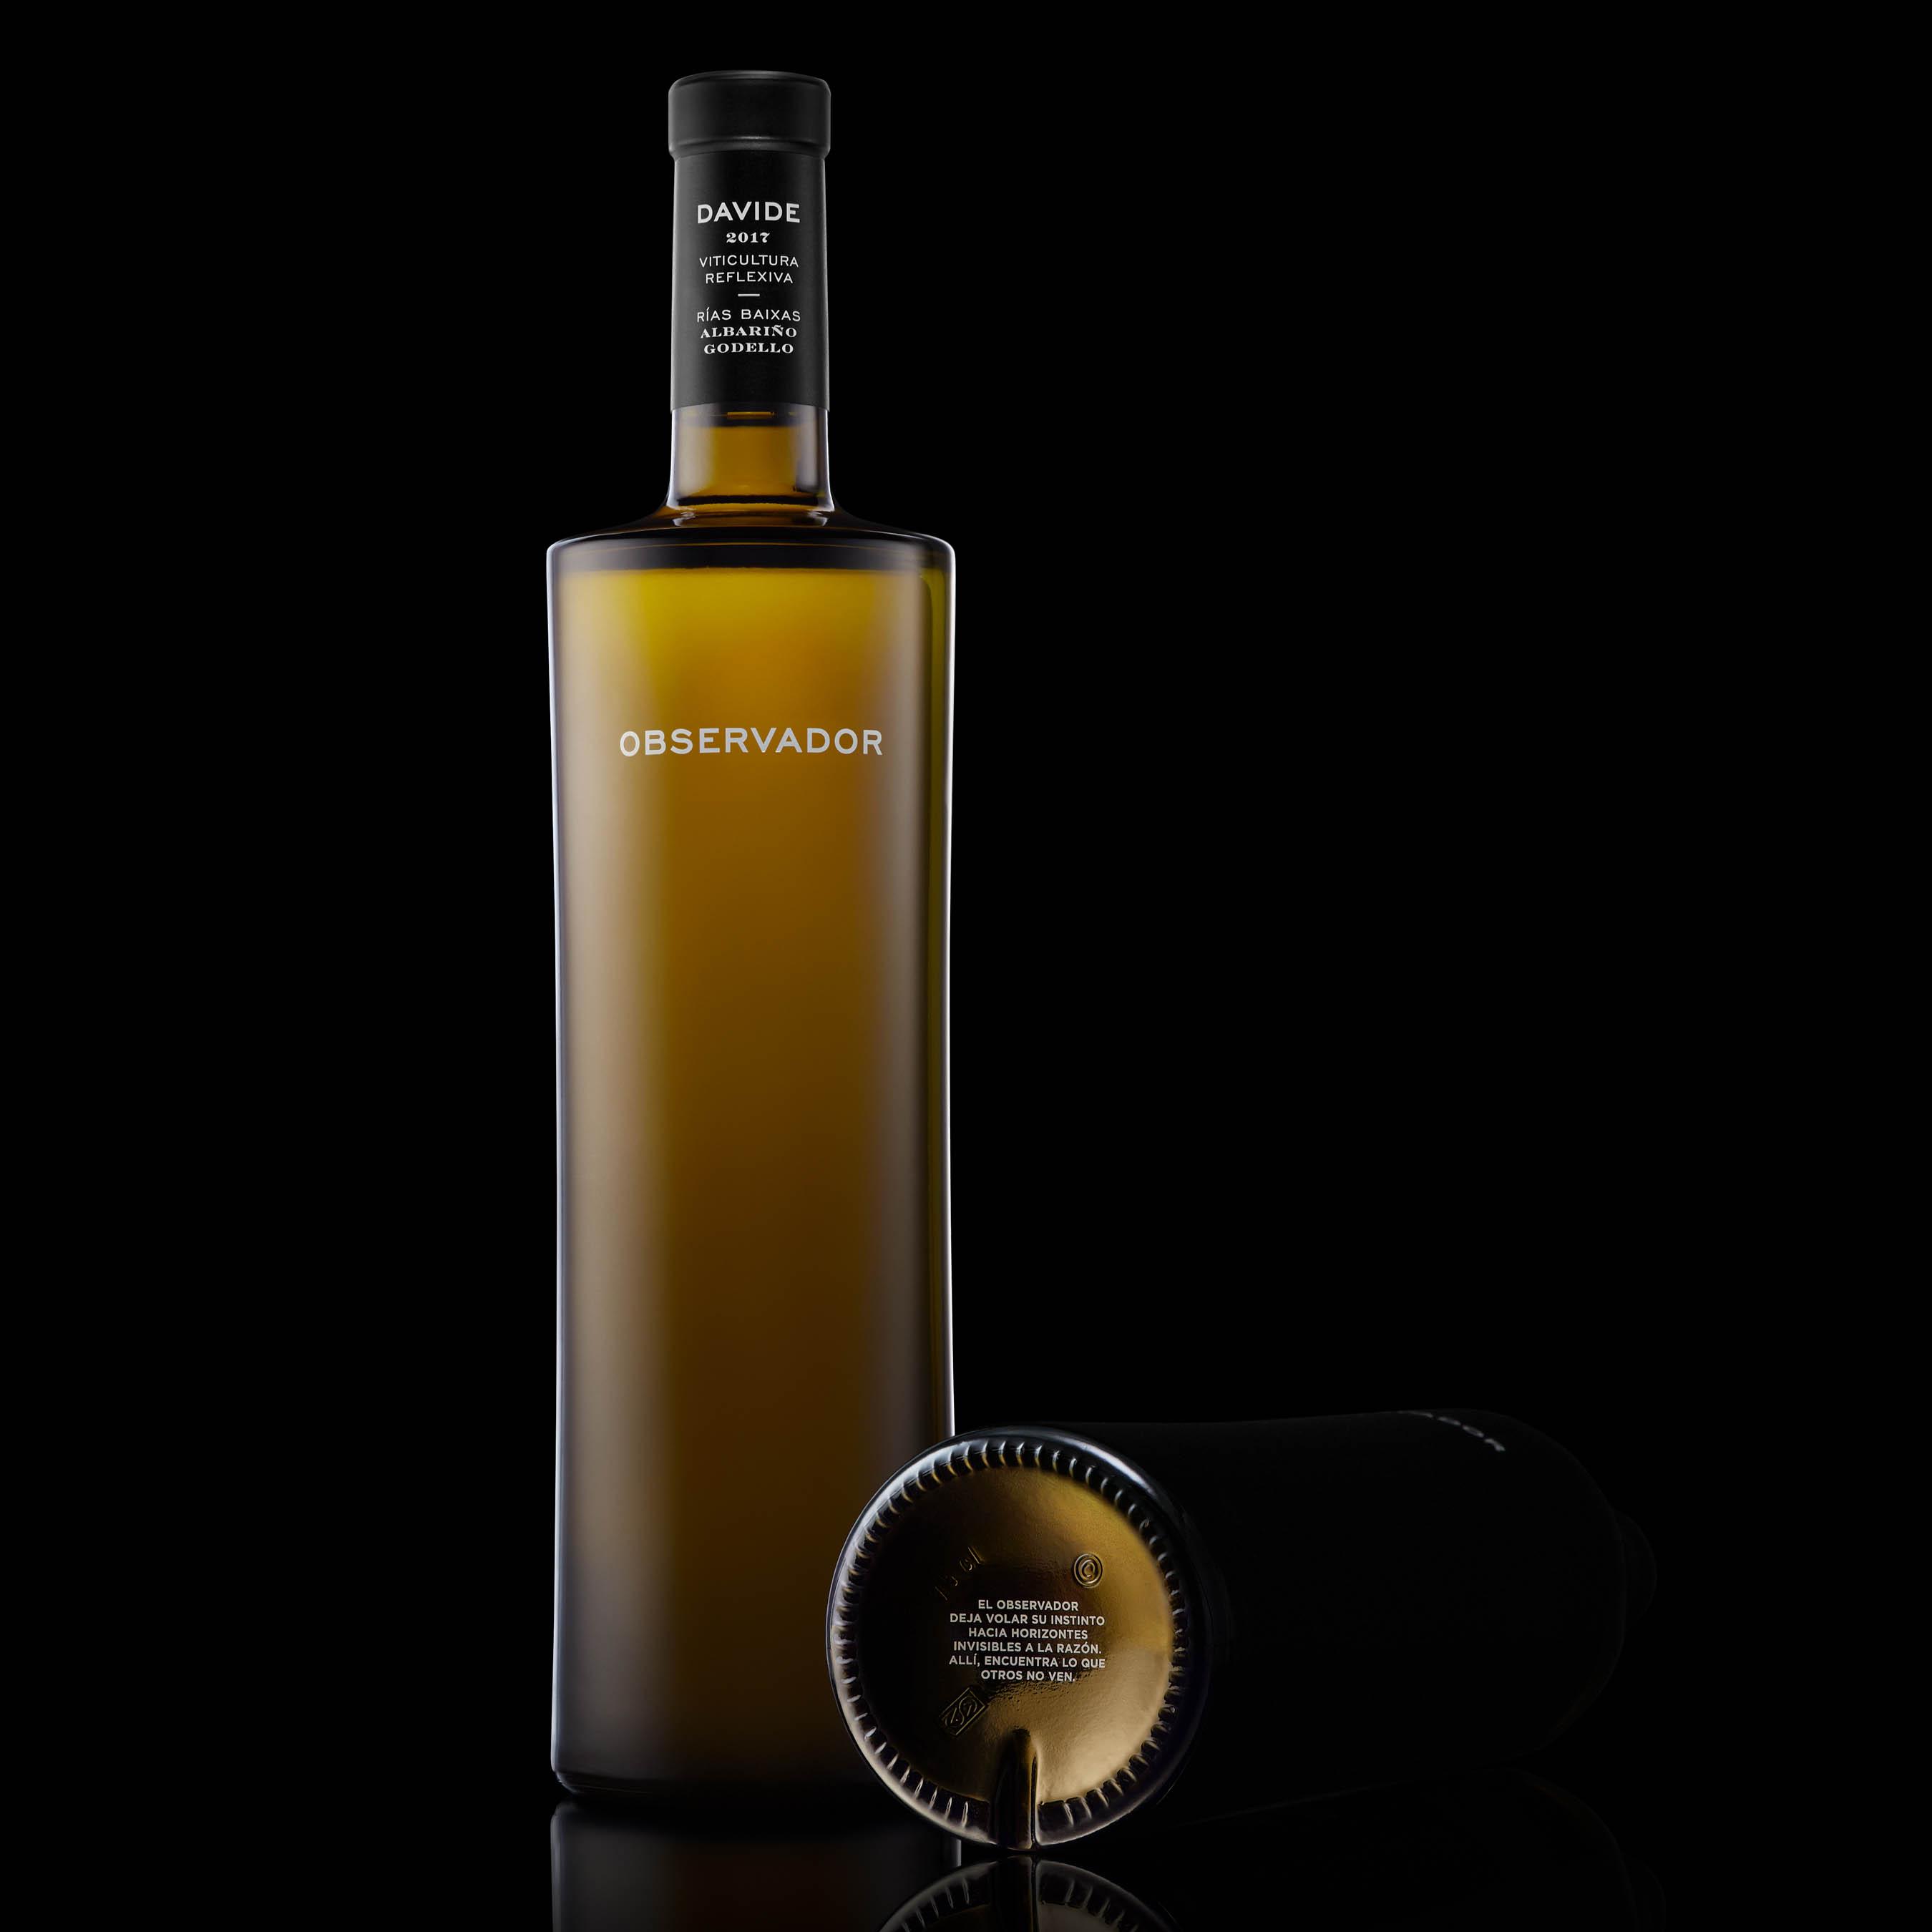 Premio-Laus-Roberto-nunez-packaging-Observador-Bodegas-Davide-01